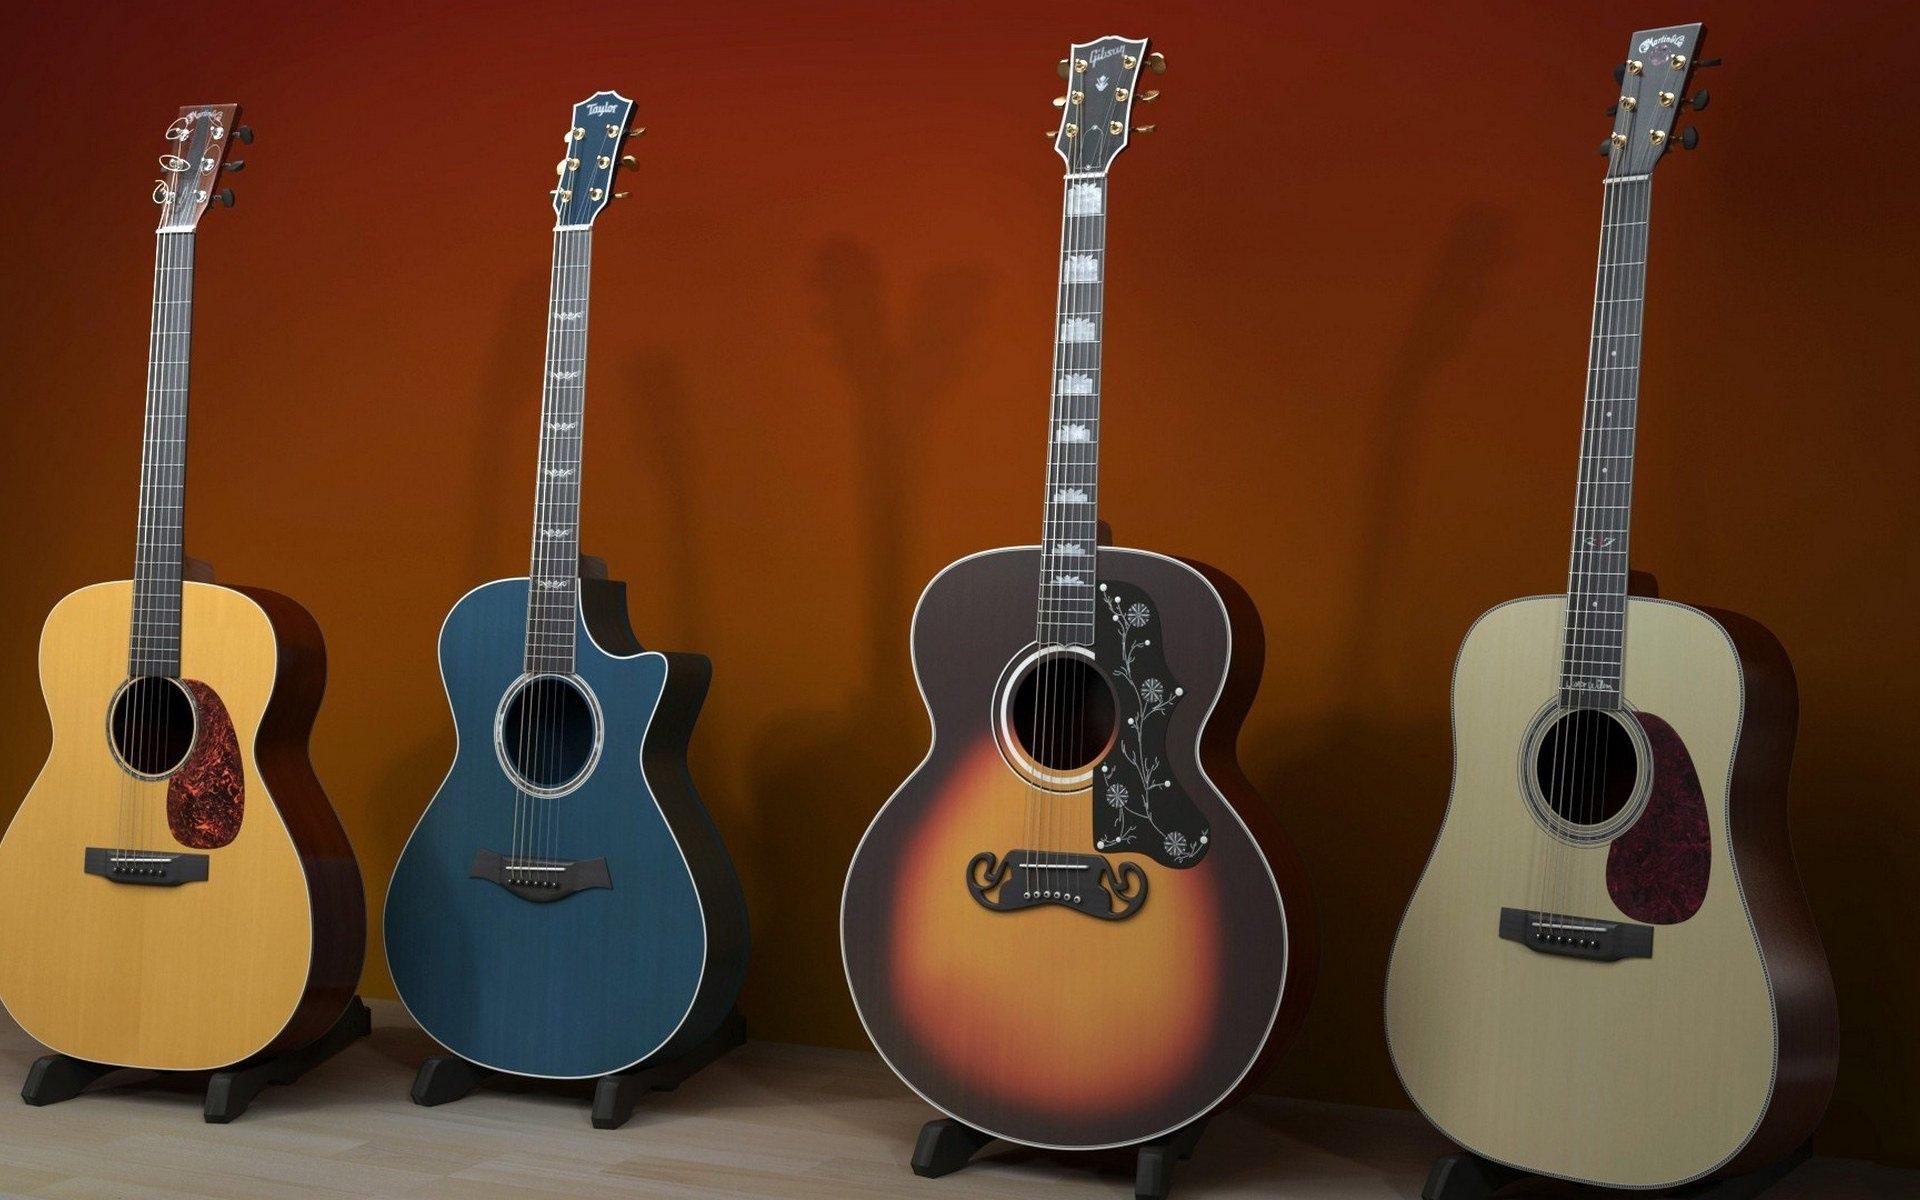 壁紙 いくつかのギター 楽器 1920x1200 Hd 無料のデスクトップの背景